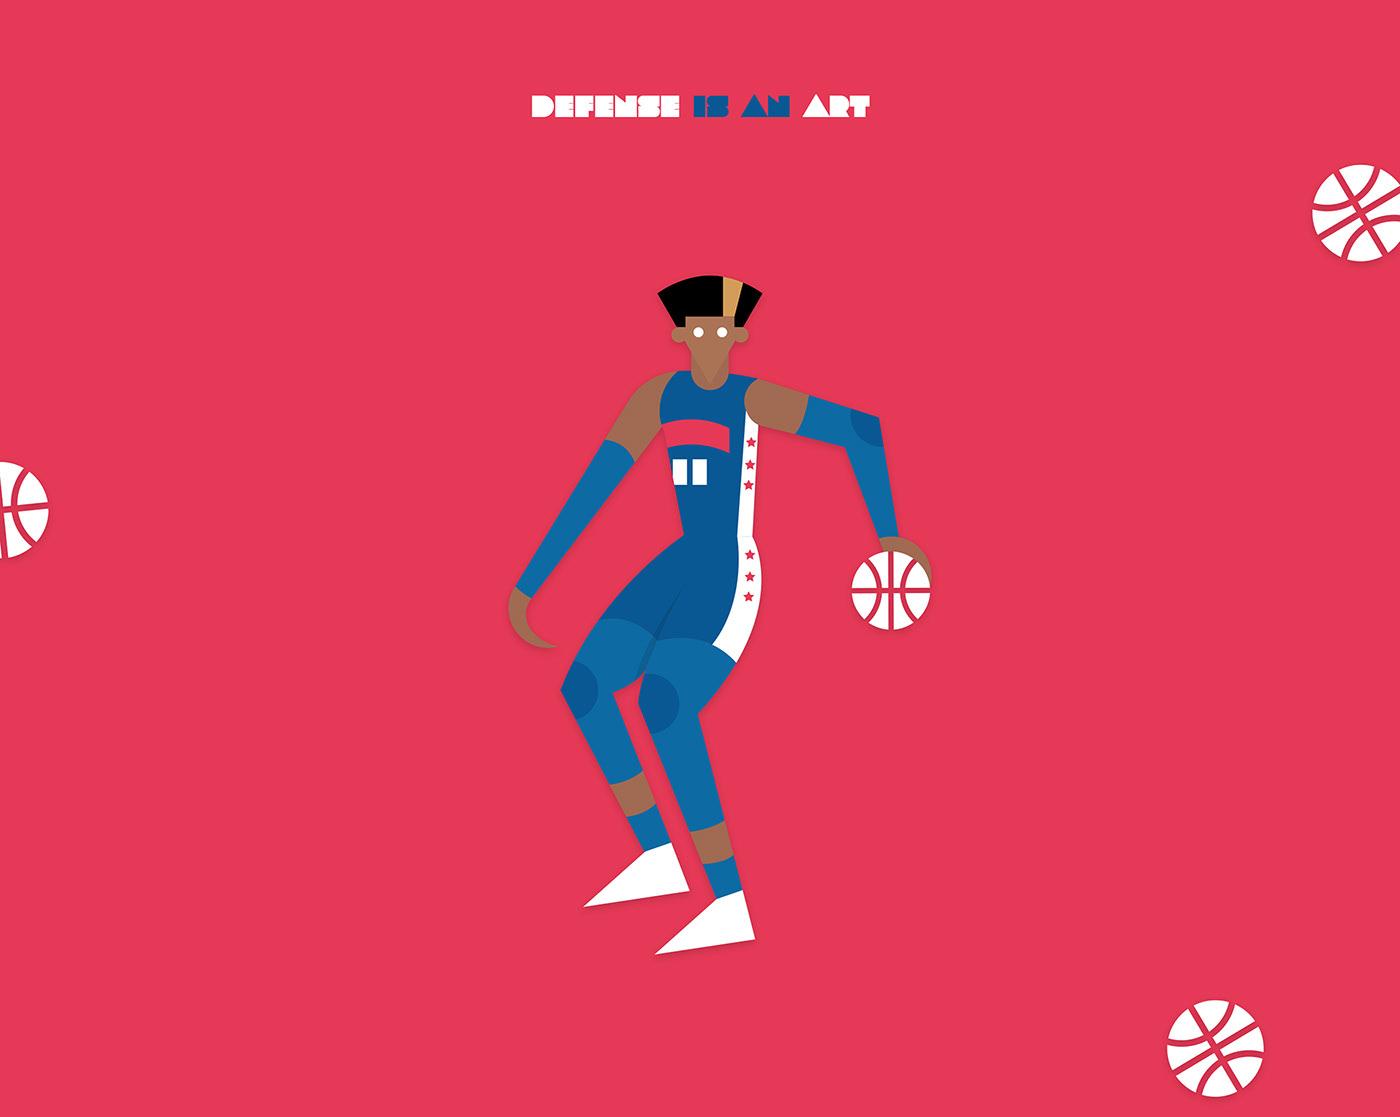 76ers art basket basketball matisse NBA philadelphia Sixers sport Thybulle